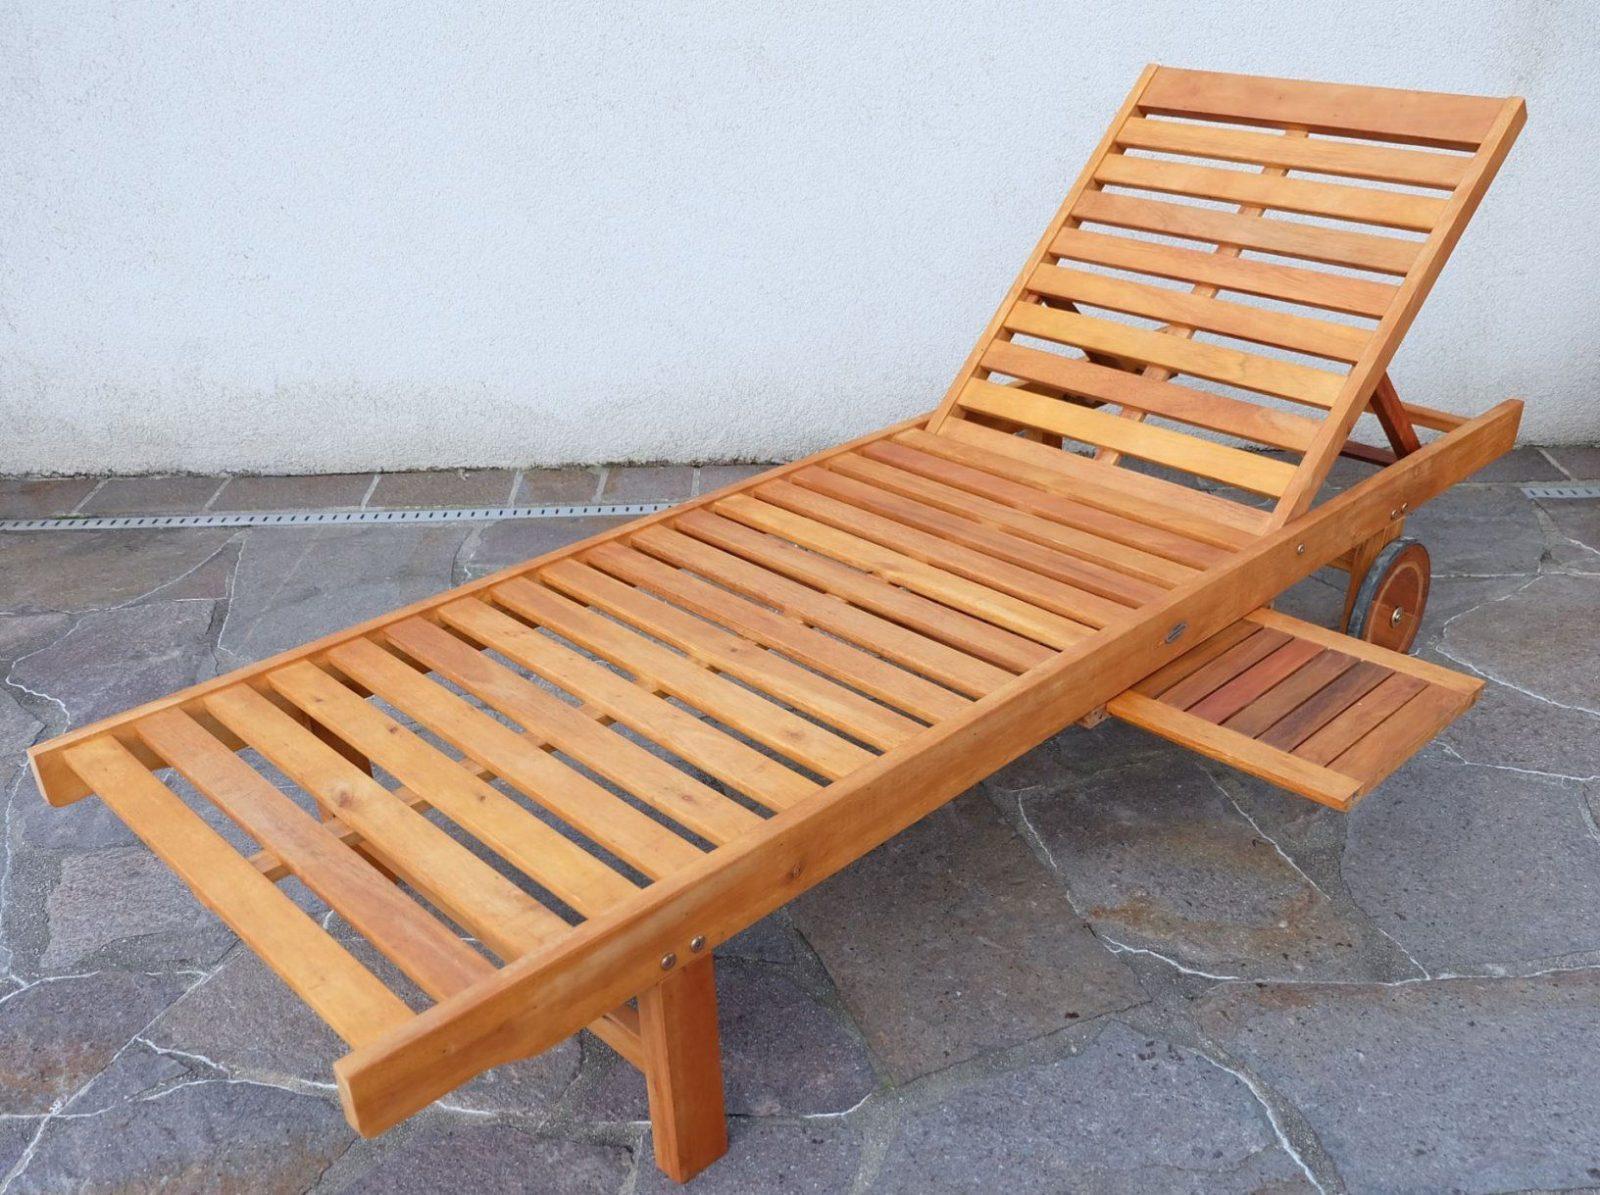 Gartenliege Holz Selbst Gebaut von Schaukelliege Holz Selber Bauen Bild